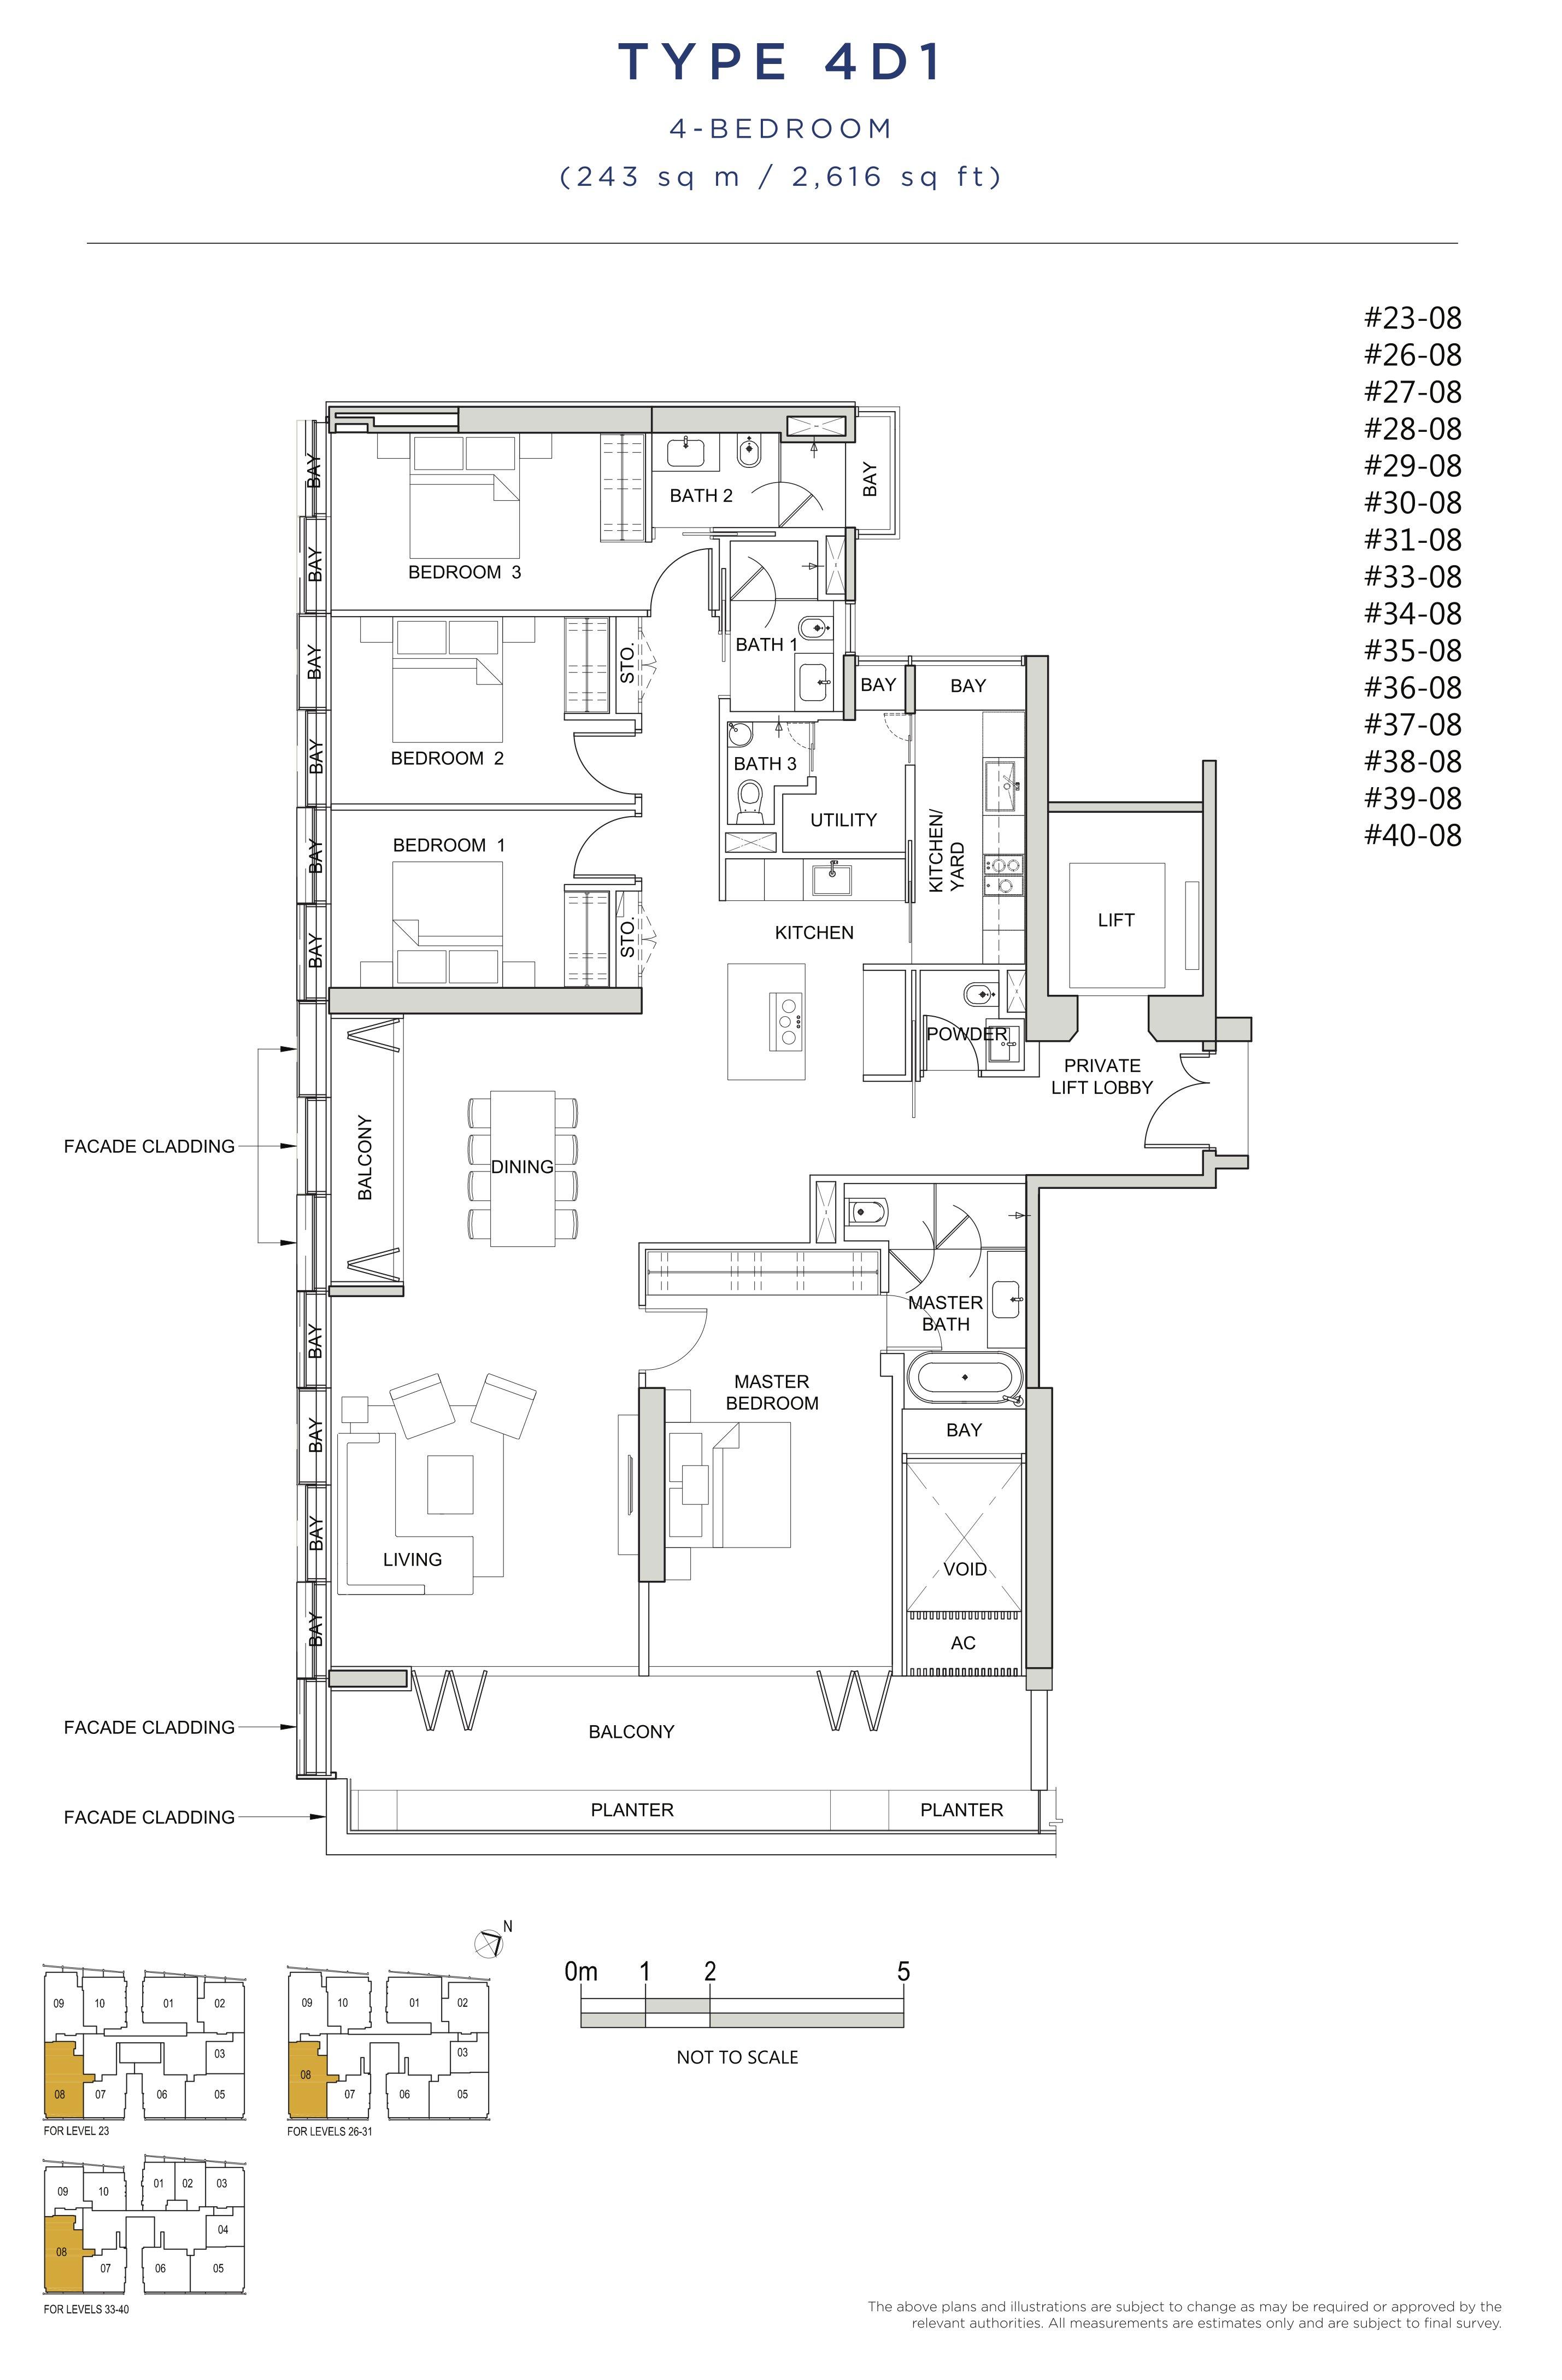 风华南岸府-South Beach Residences 公寓4 bedroom floor plan 4D1 4卧房单位户型图